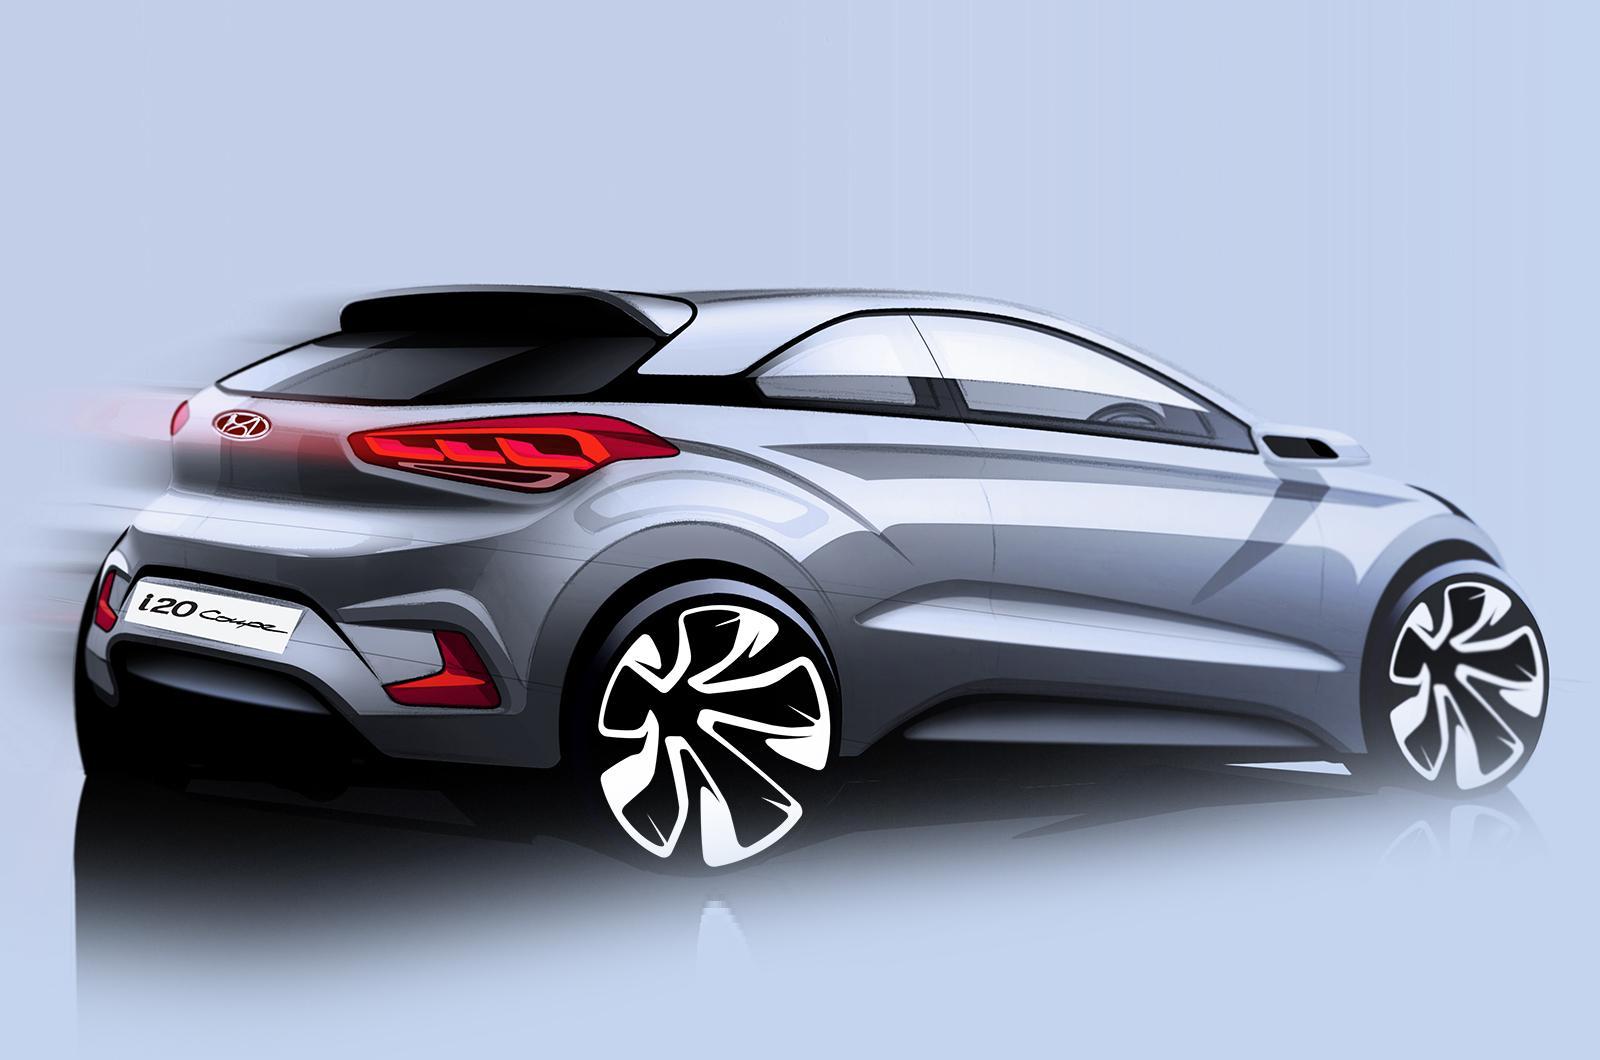 Photo of Hyundai i20 Coupe